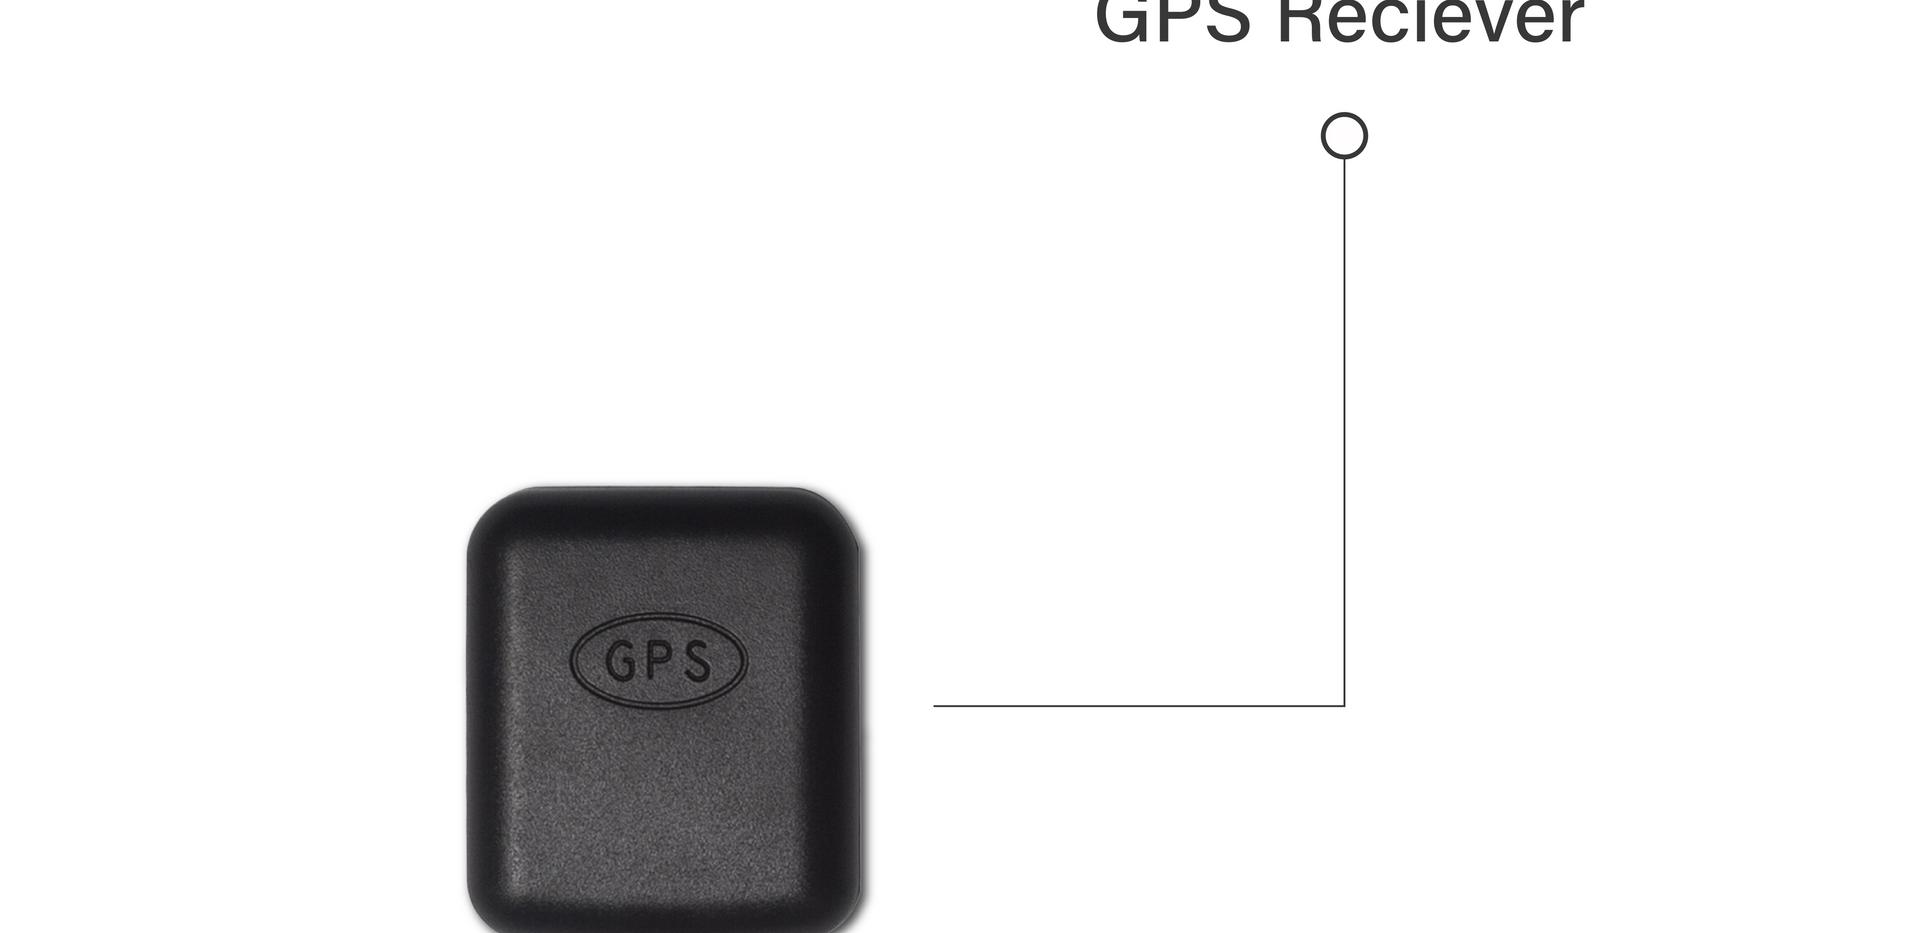 Z8 GPS Reciever-01.png